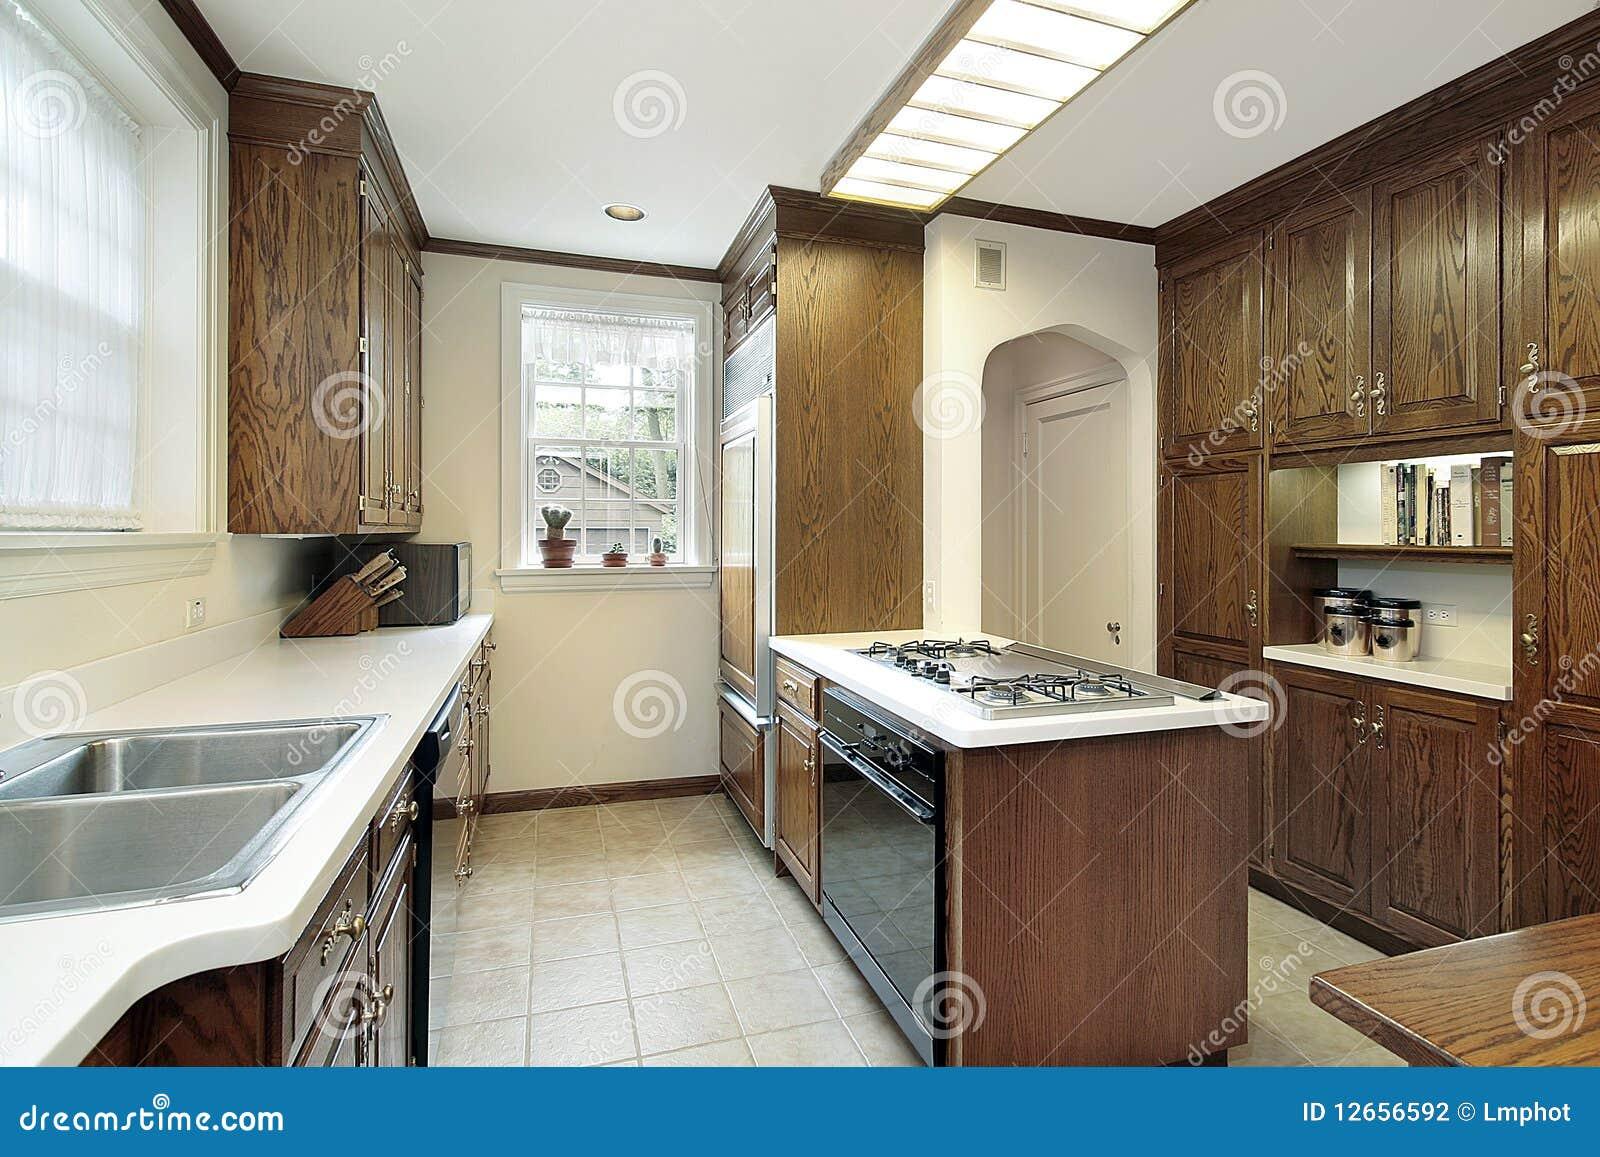 Keuken met fornuis hoogste eiland stock foto afbeelding 12656592 - Eiland maaltijd ...